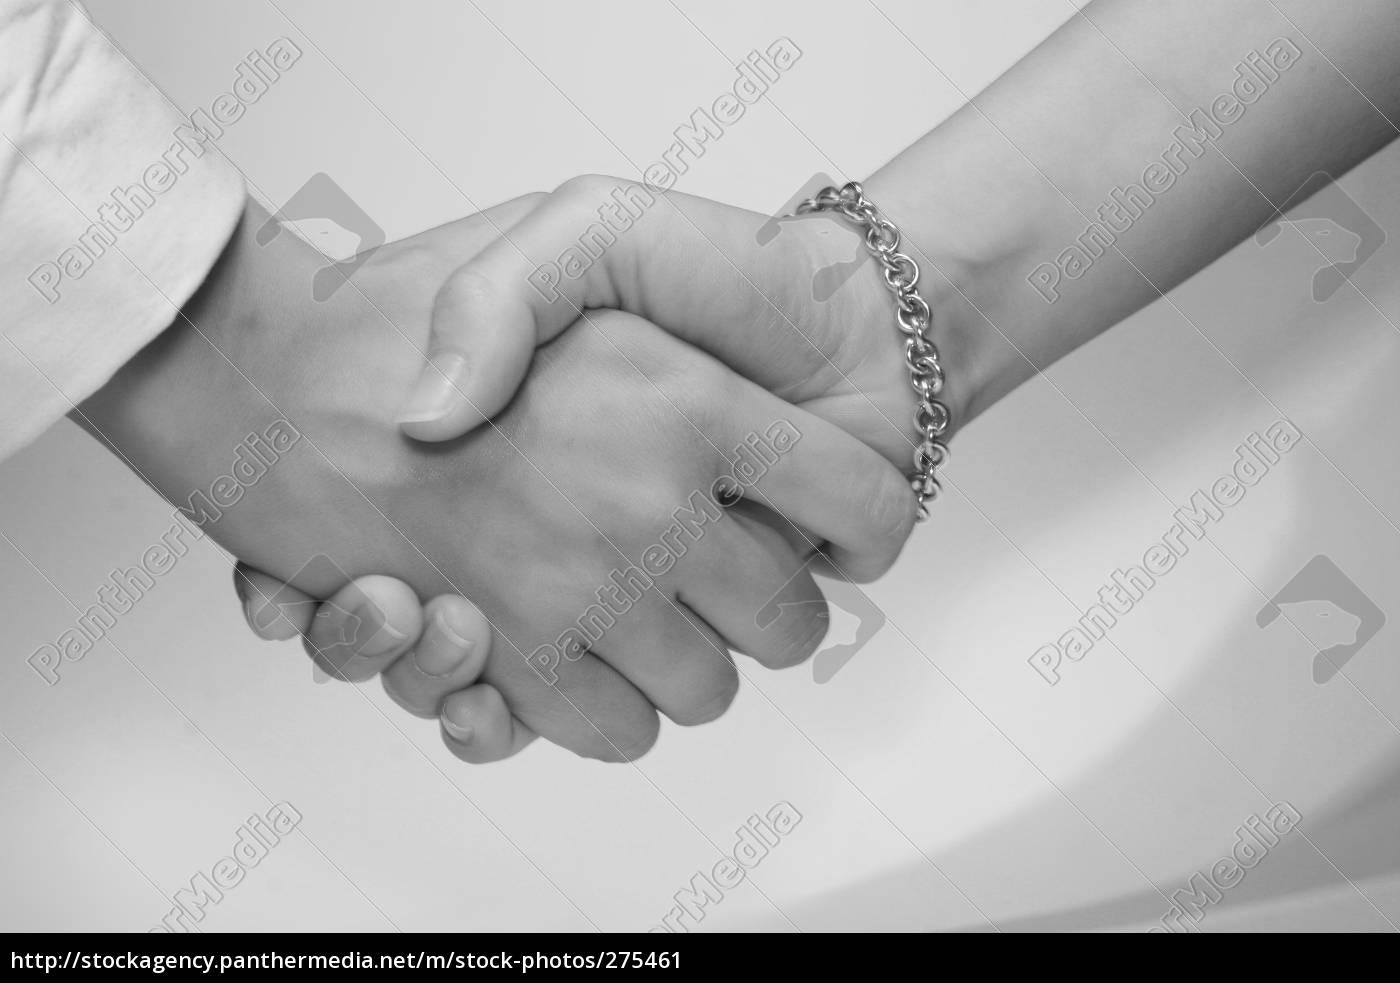 woman, handshake - 275461